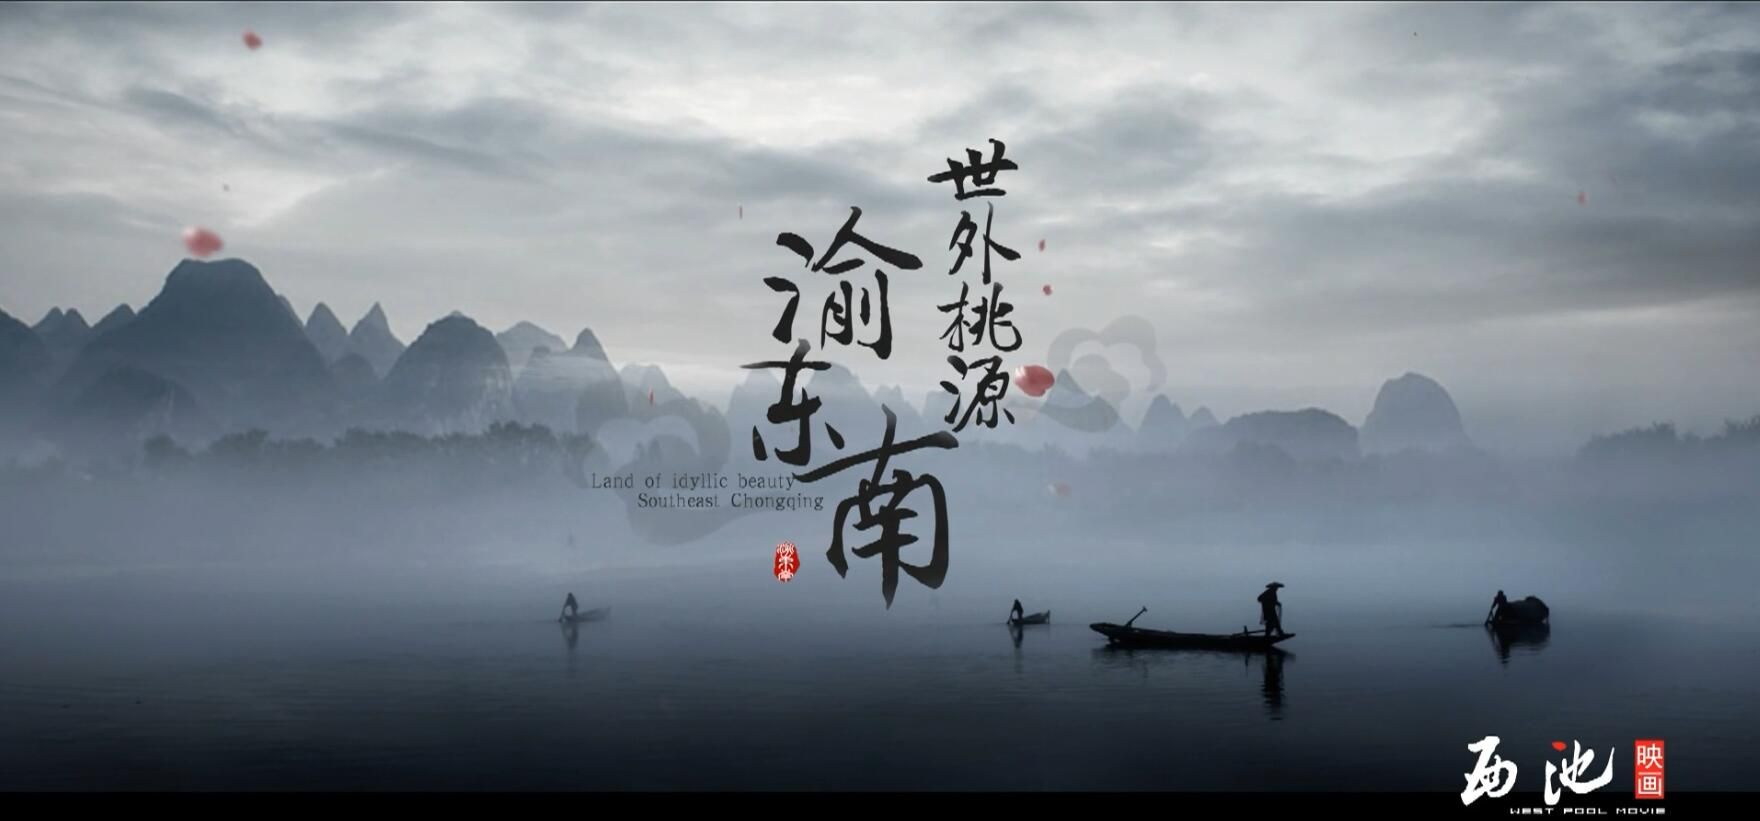 【中国城乡统筹发展网影视中心】渝东南世外桃源